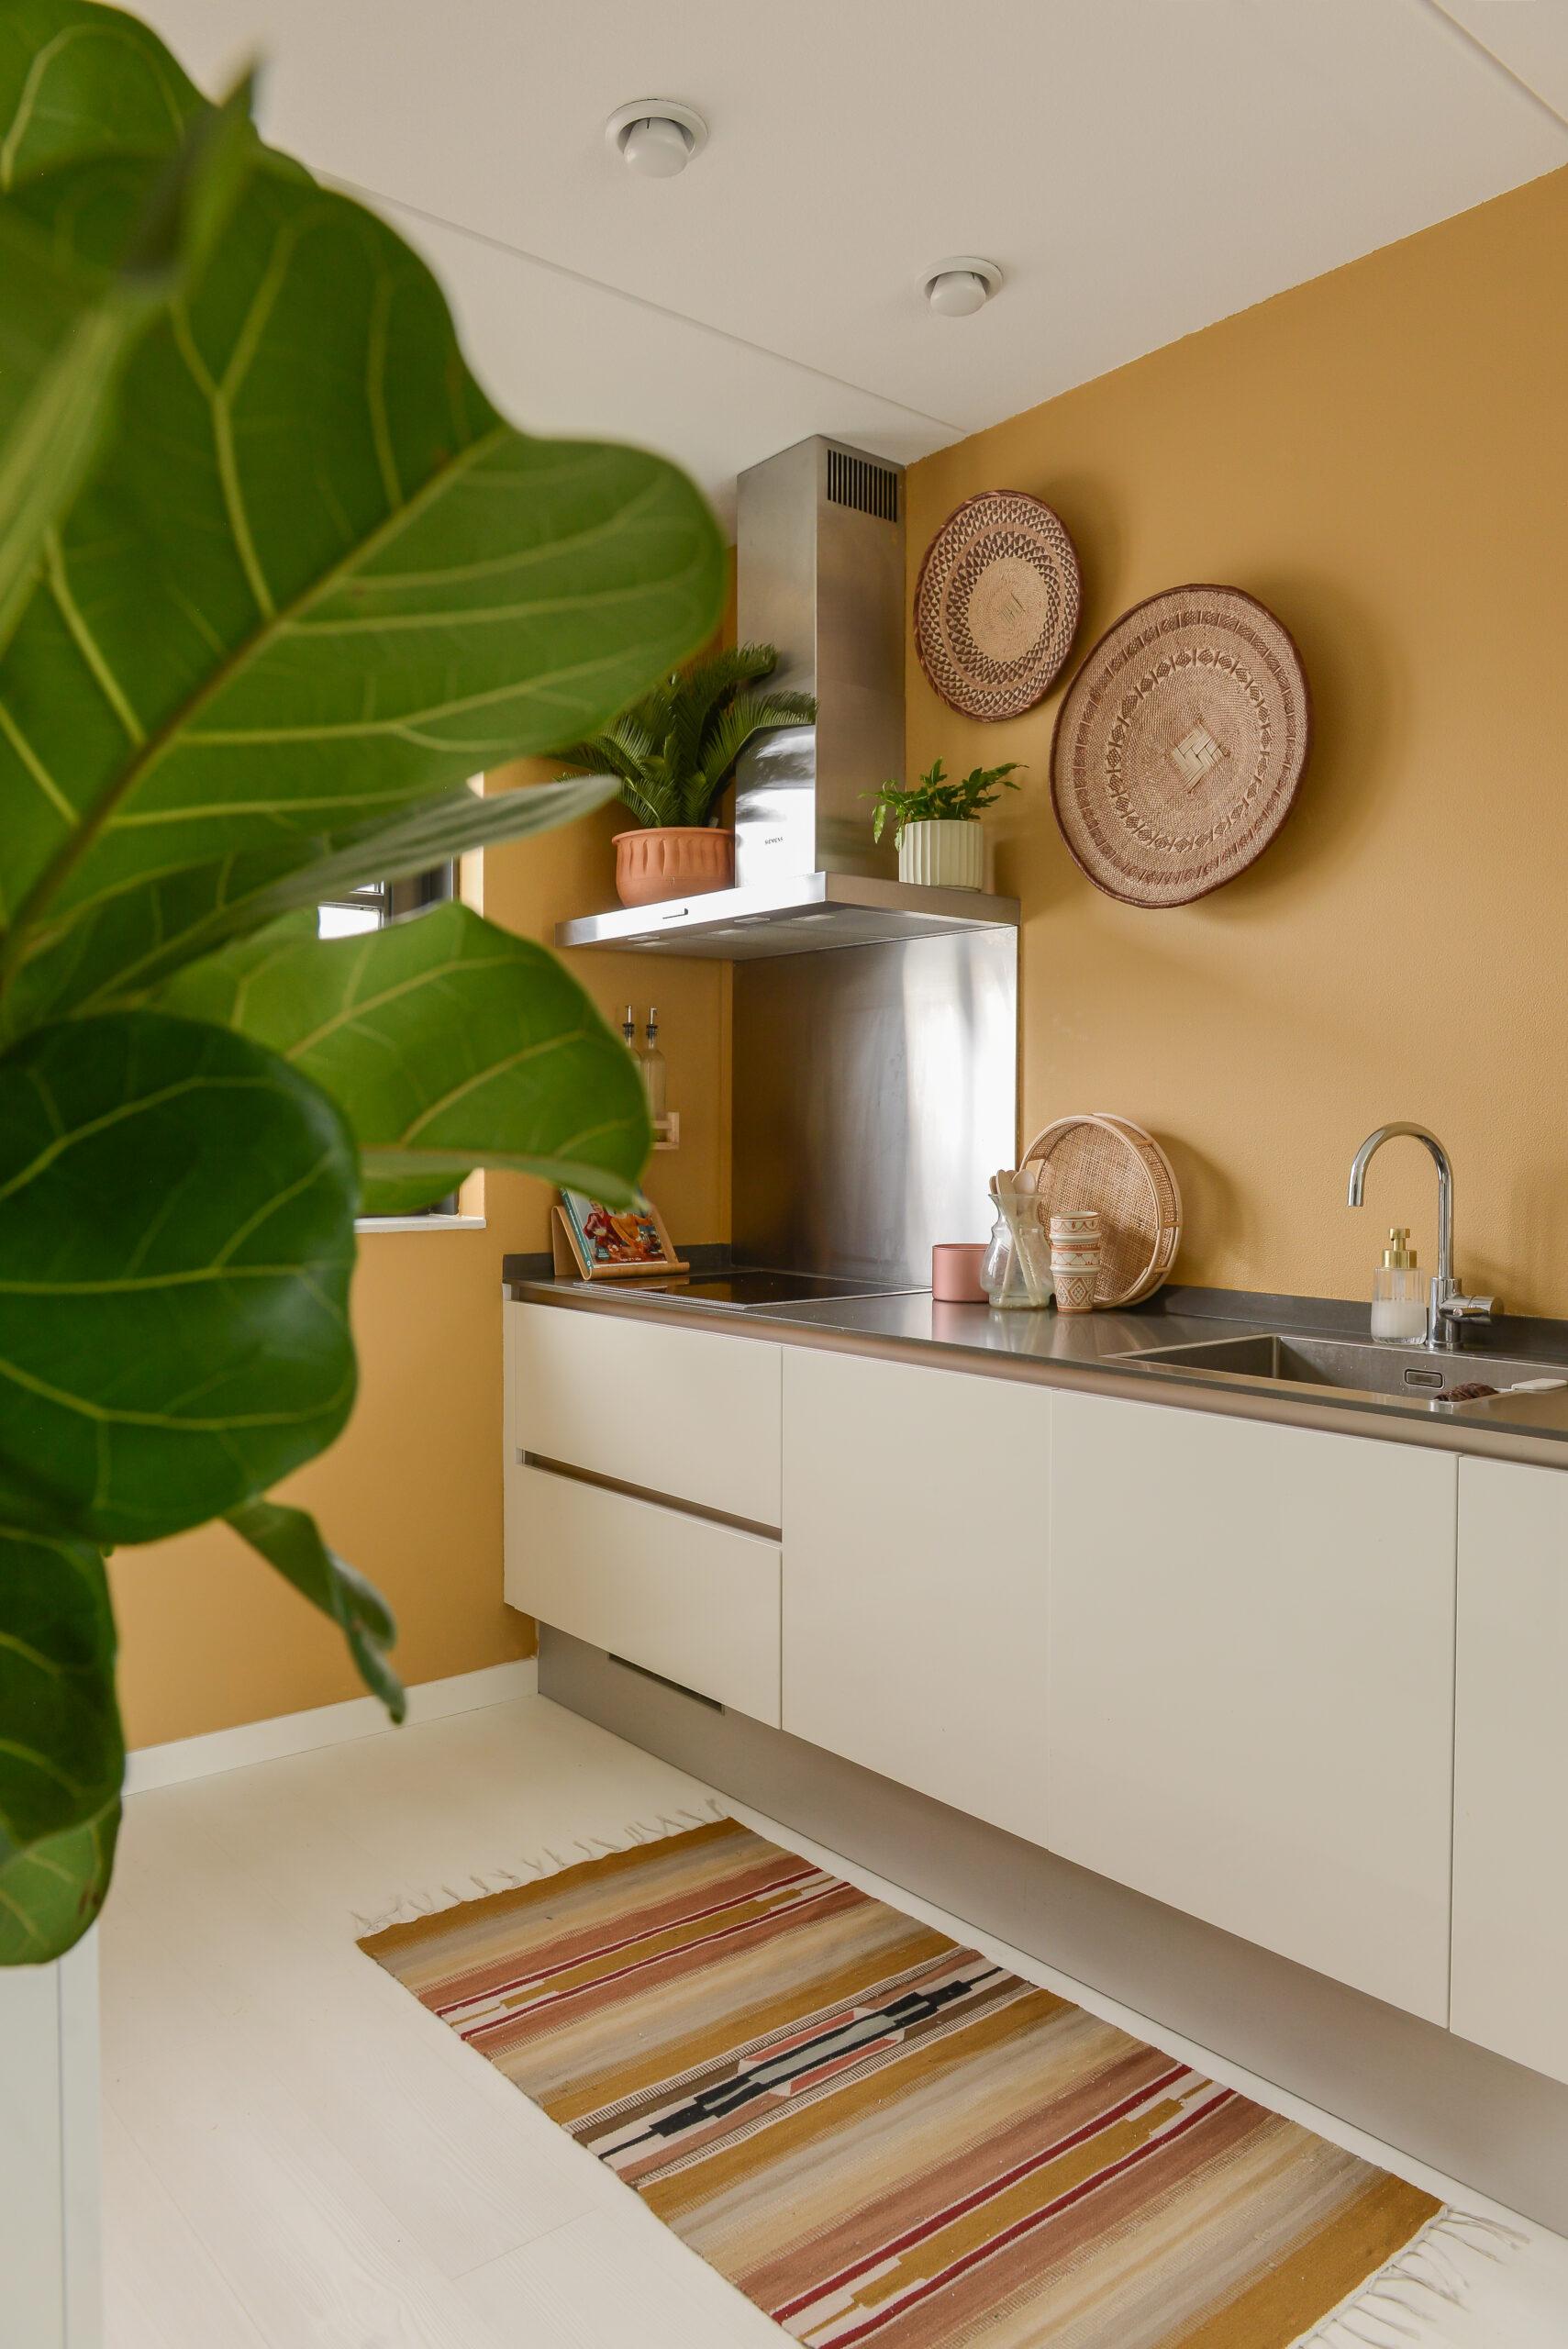 02. Familiehuis Hoofddorp - Flexa Binti Home Kleurcollectie 21-29